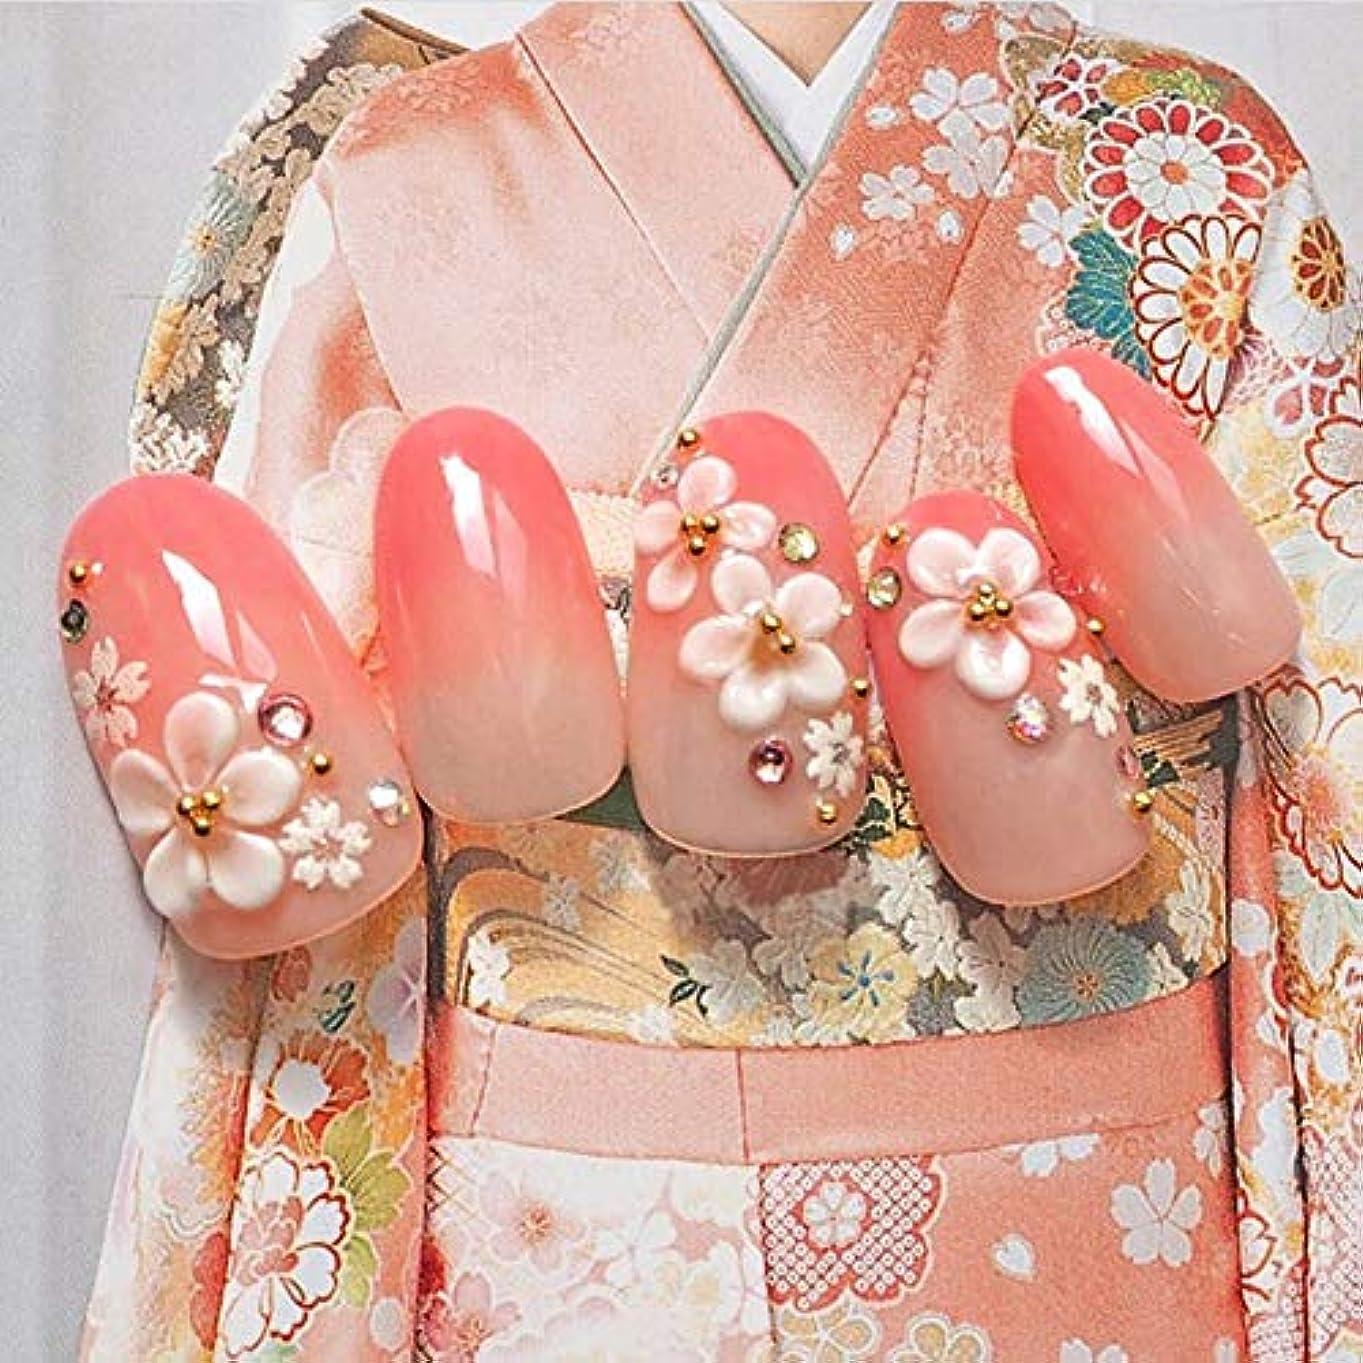 チャールズキージング女王ナイトスポットXUTXZKA 24本の長い偽の爪のヒントオーバルピンクグラデーションの花の装飾